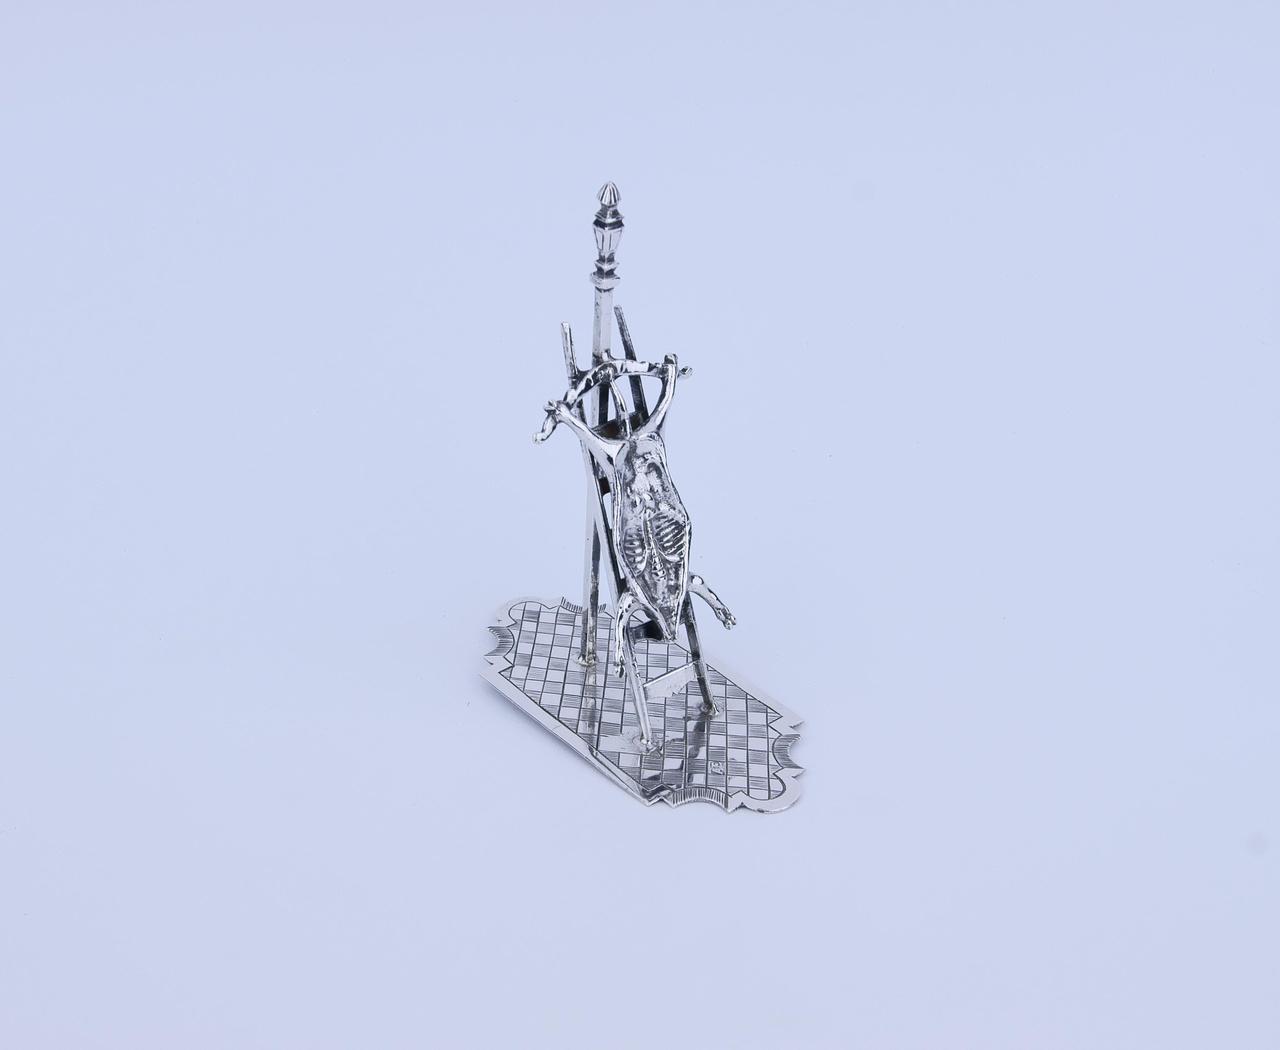 Ladder met opgespannen varken (miniatuur)